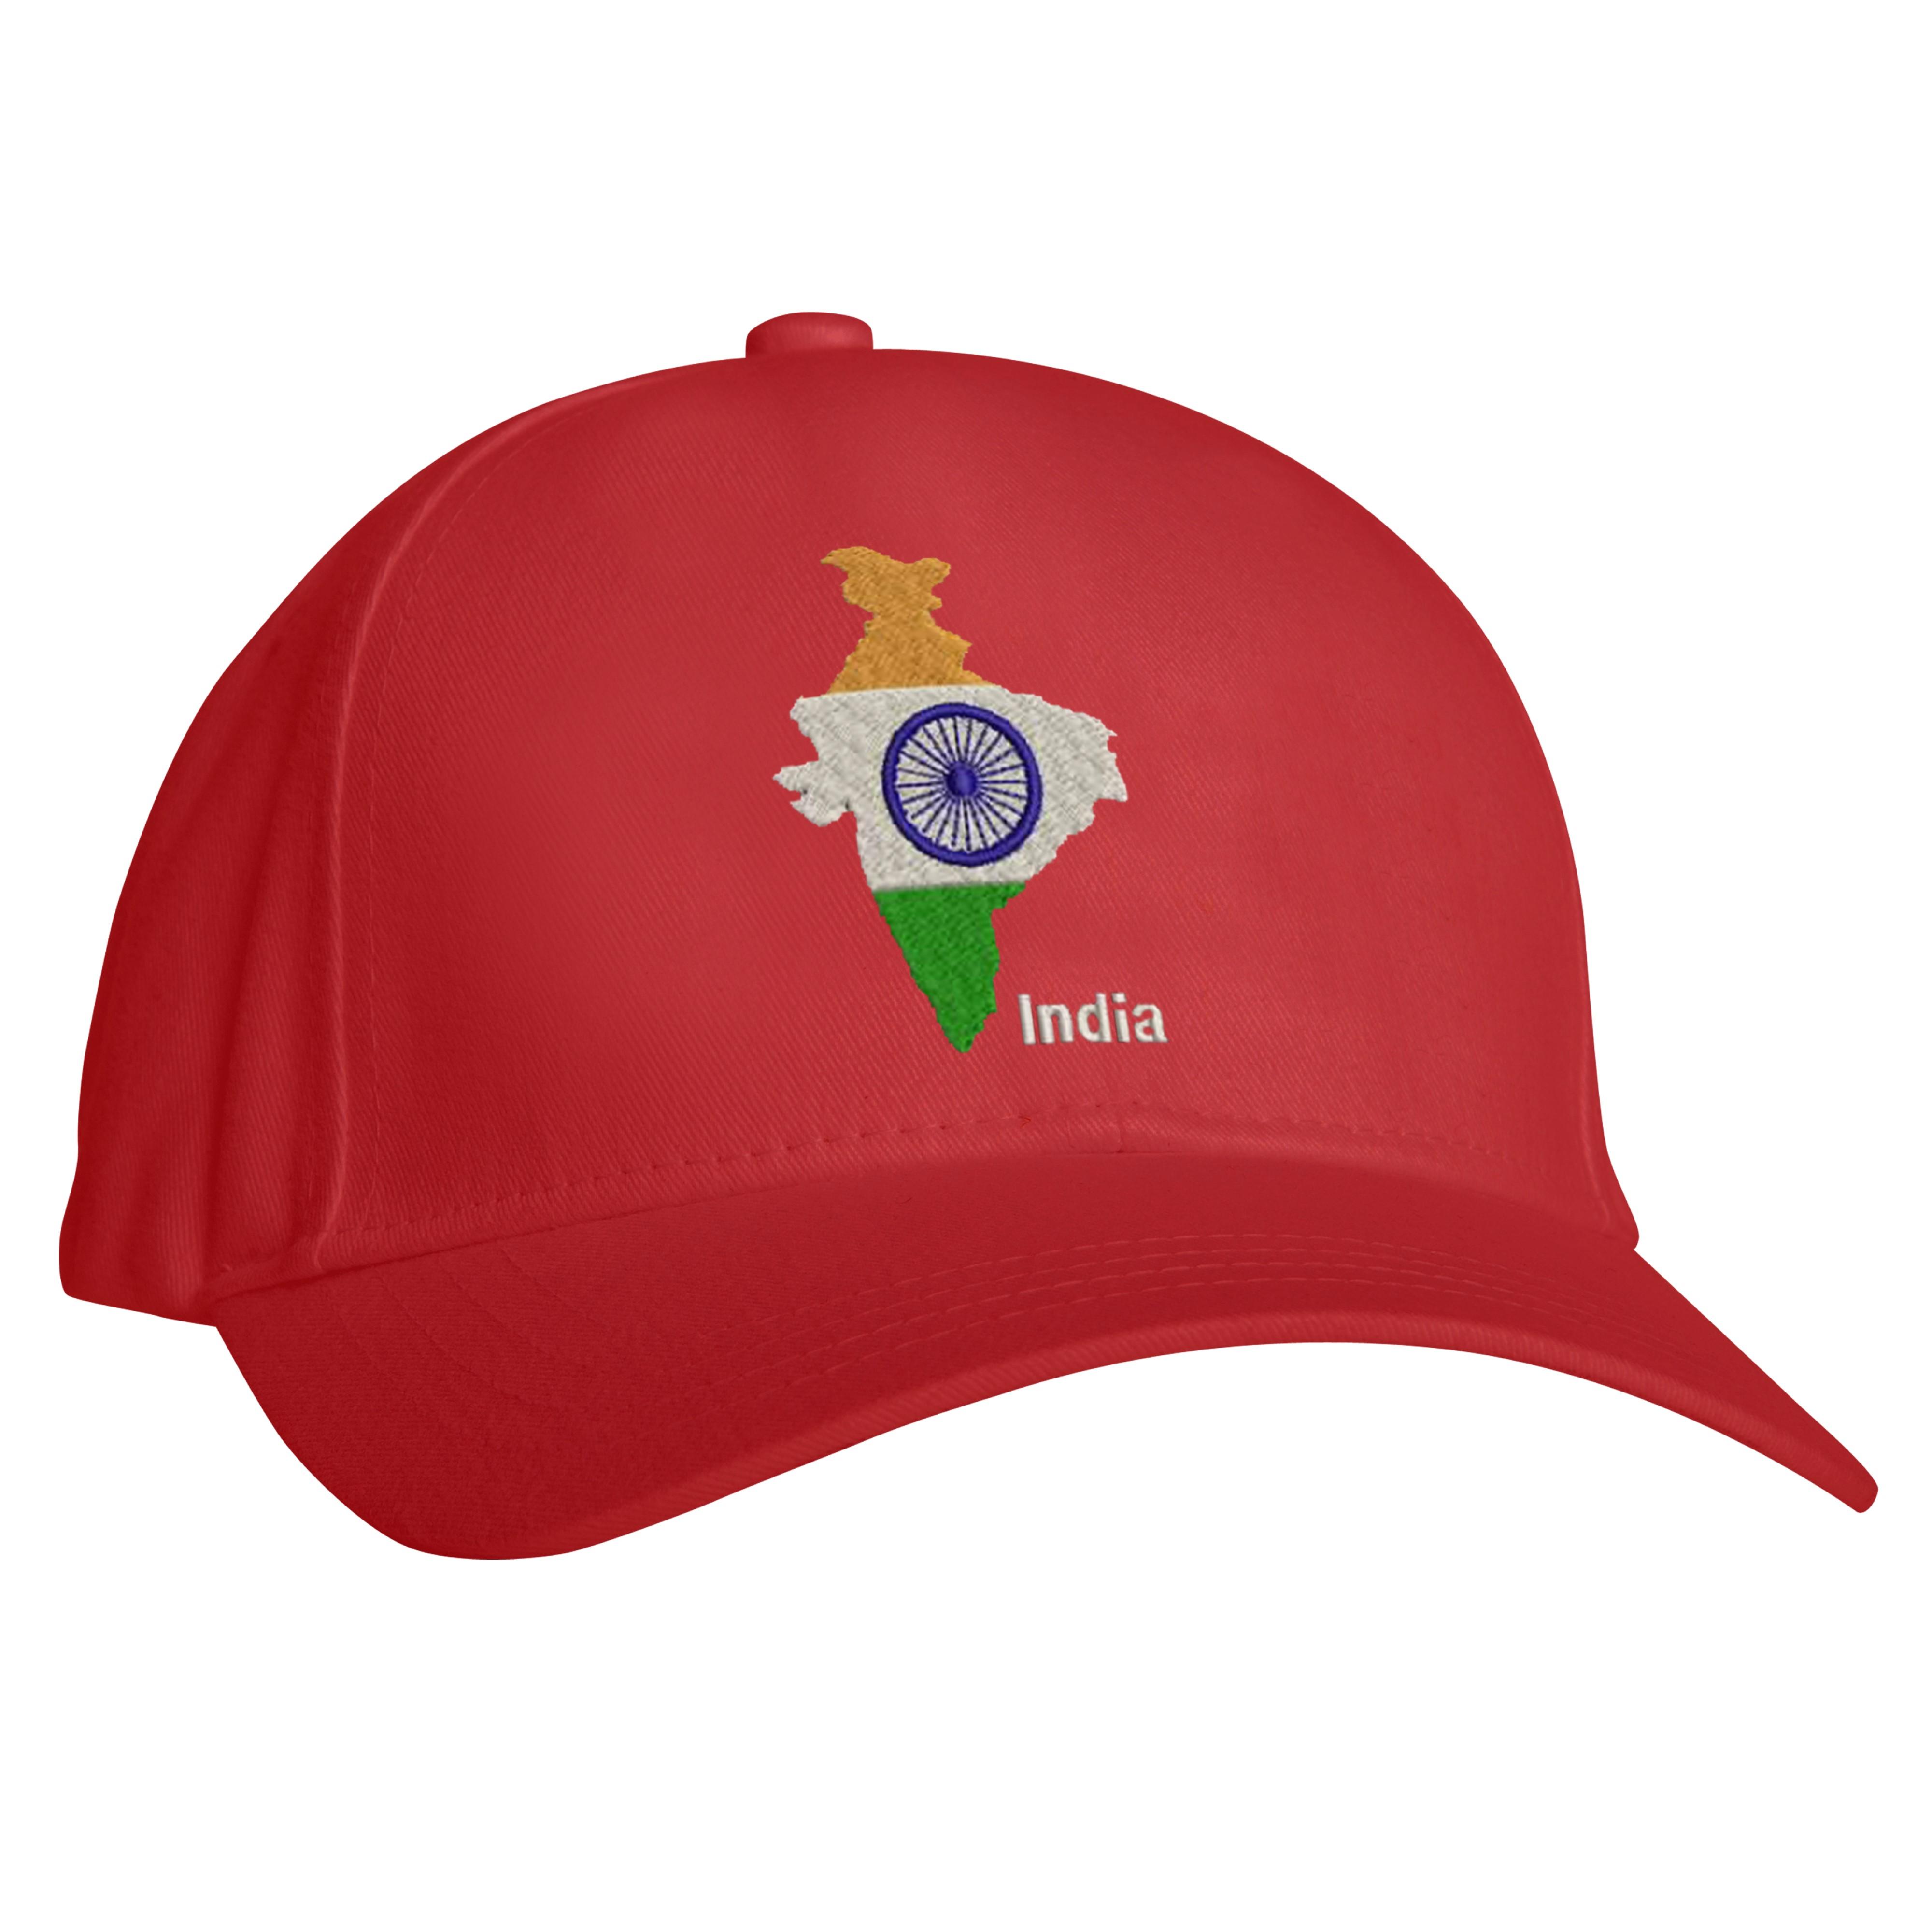 India-mappa-bandiera-Cappello-da-baseball-nazione-Love-PATRIOT-Cappello-logo-ricamato-Design